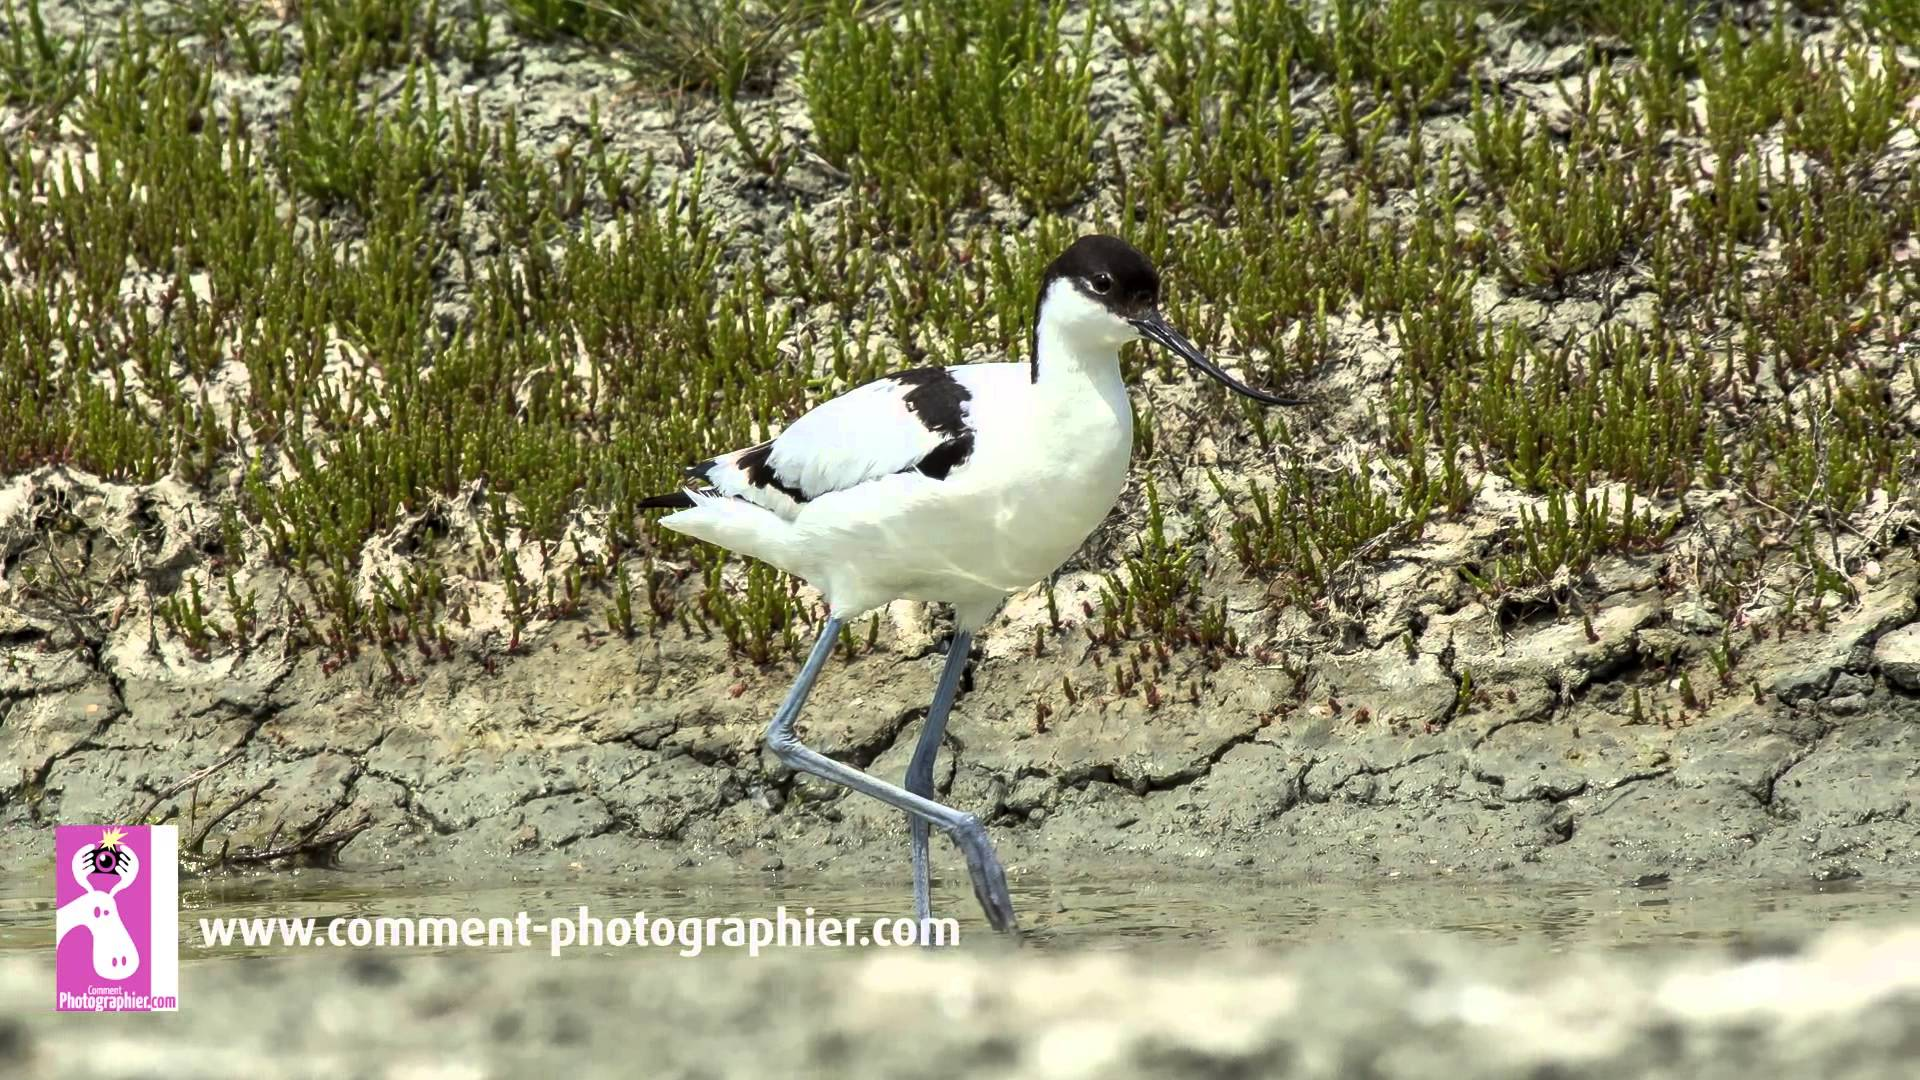 Comment faire des photos d'oiseaux et de nature